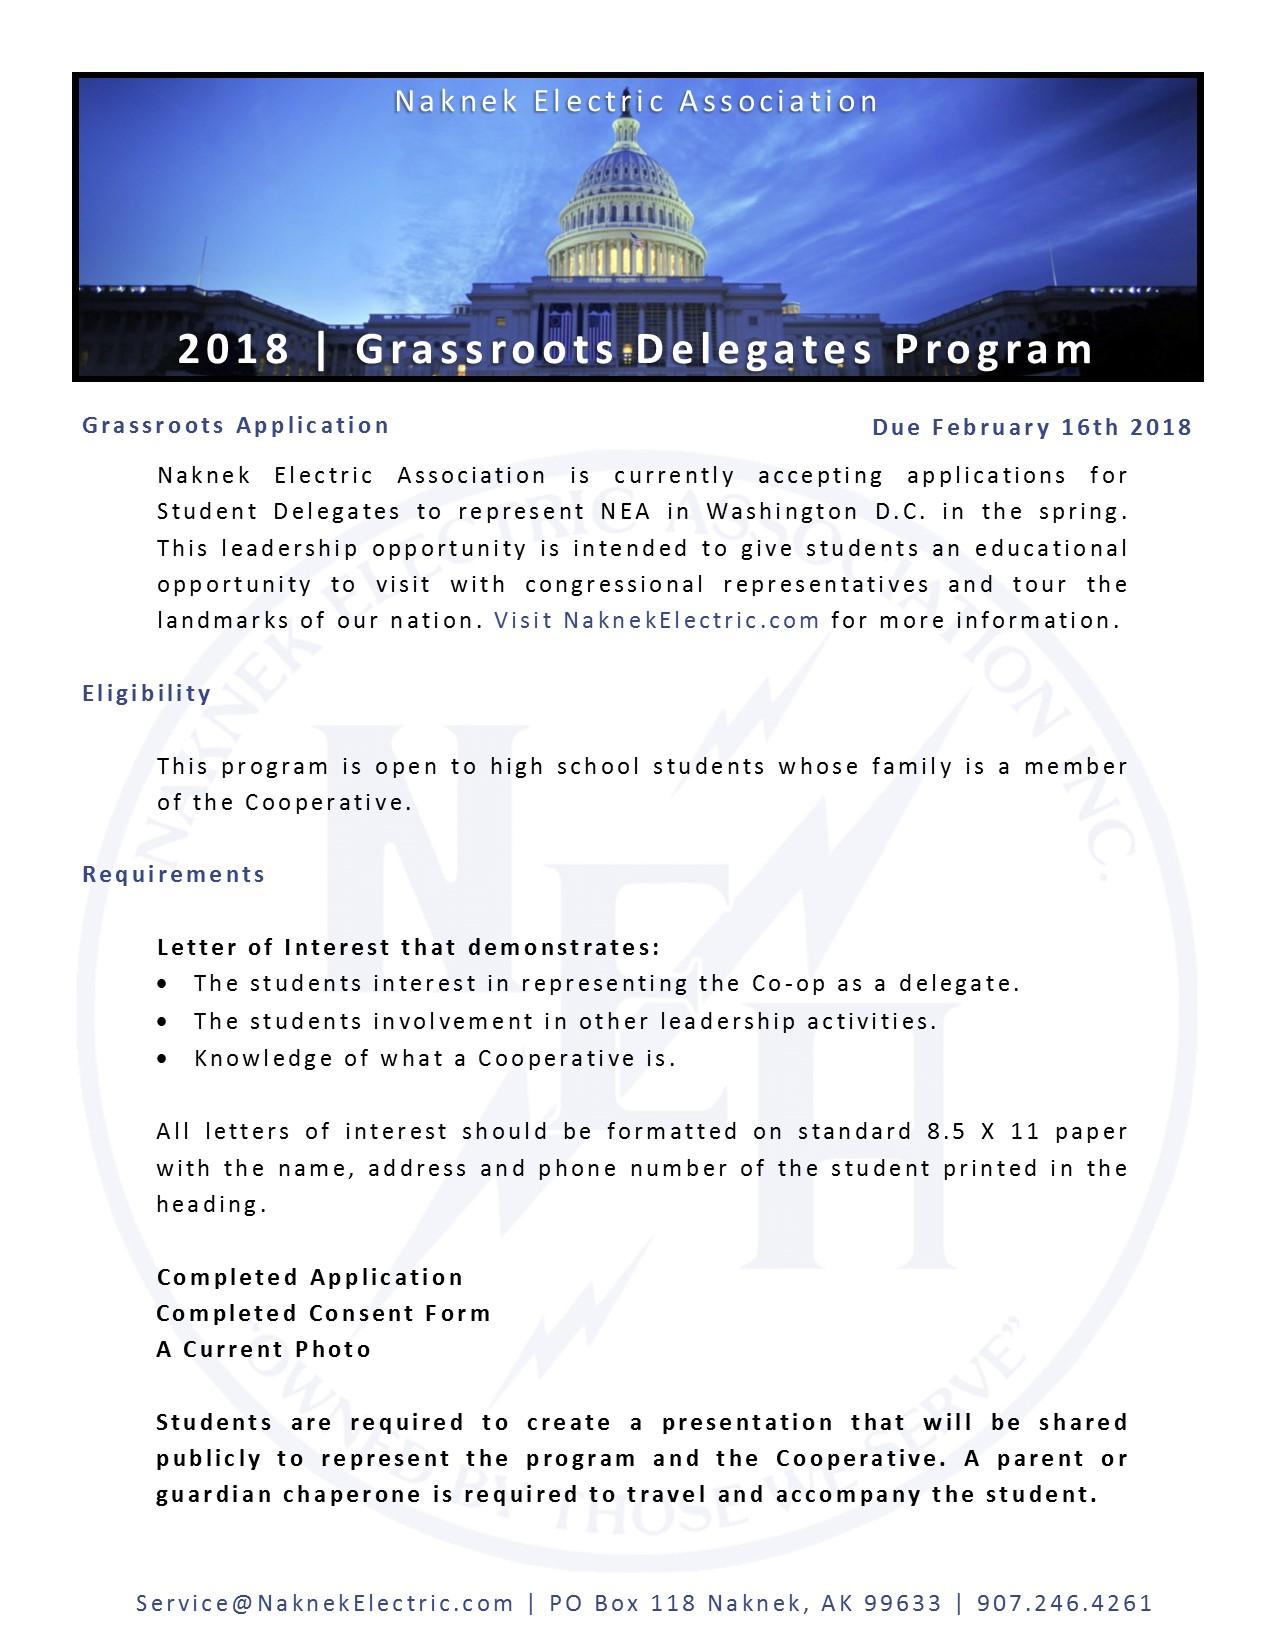 2018 Grassroots Application.jpg